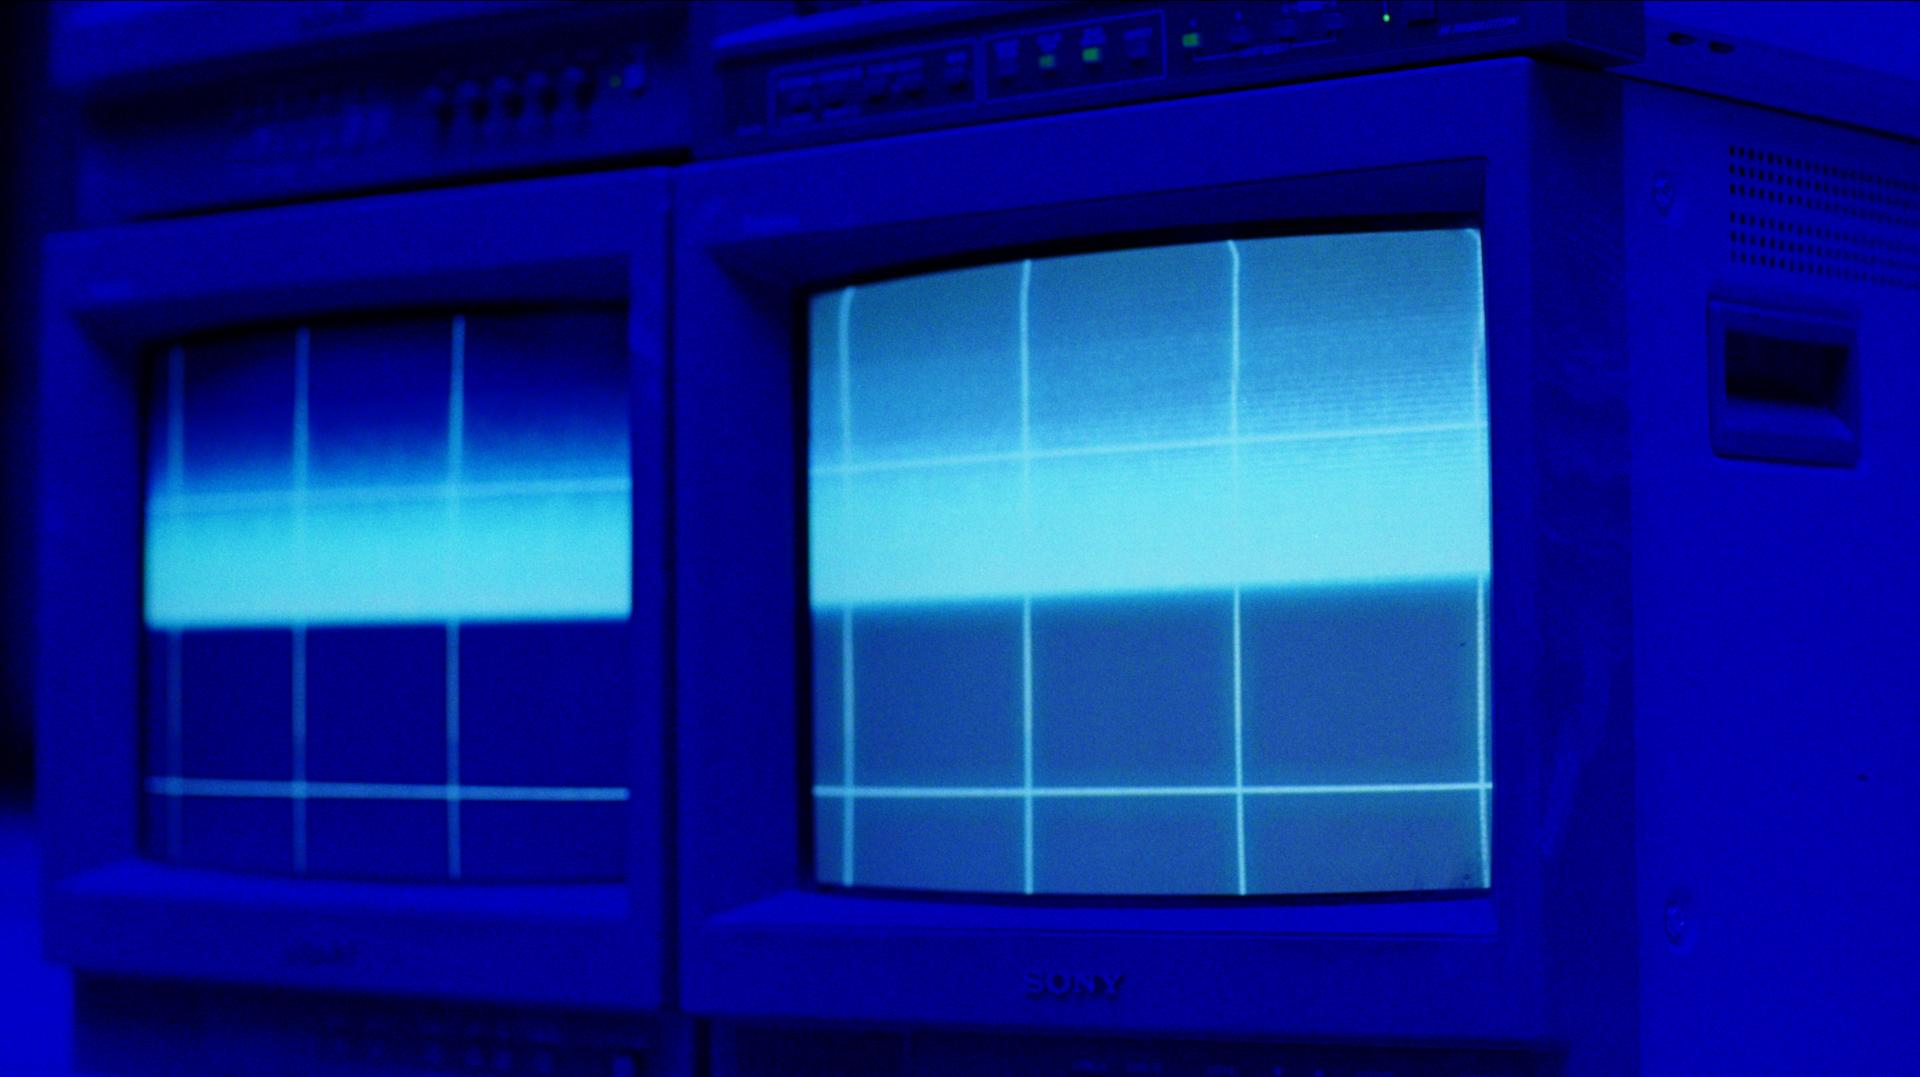 Screenshot 2020-01-19 at 02.16.50